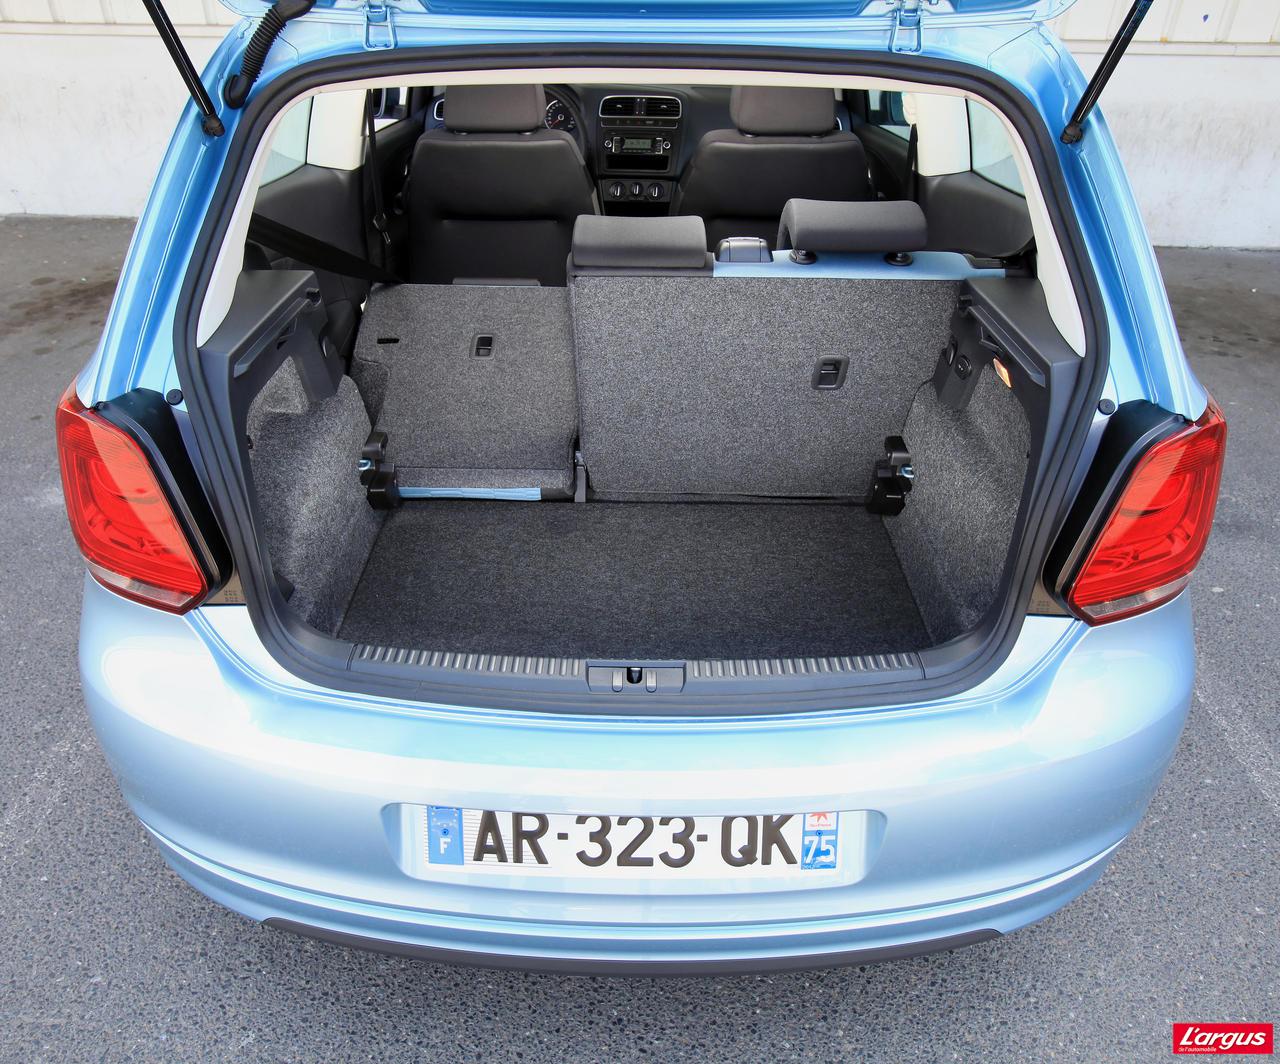 Polo 2018 Essai >> Volkswagen Polo 1.2 TDI BlueMotion: 1000 km avec le plein - Photo #9 - L'argus